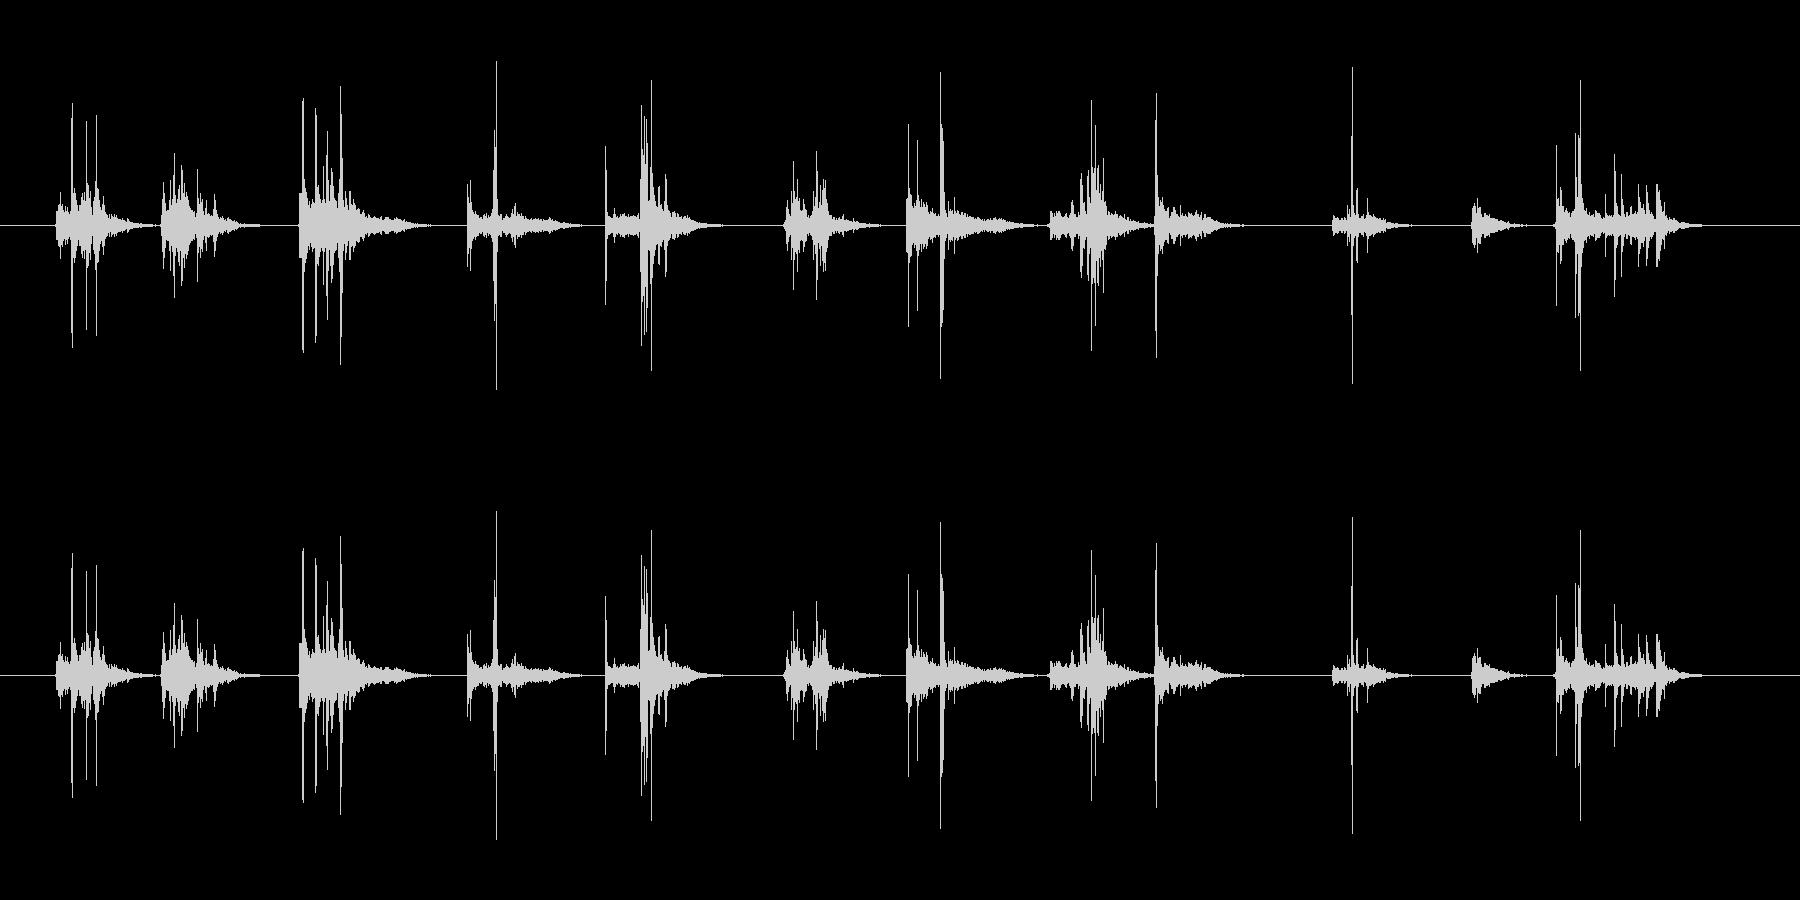 ペットボトルのキャップあける音の未再生の波形